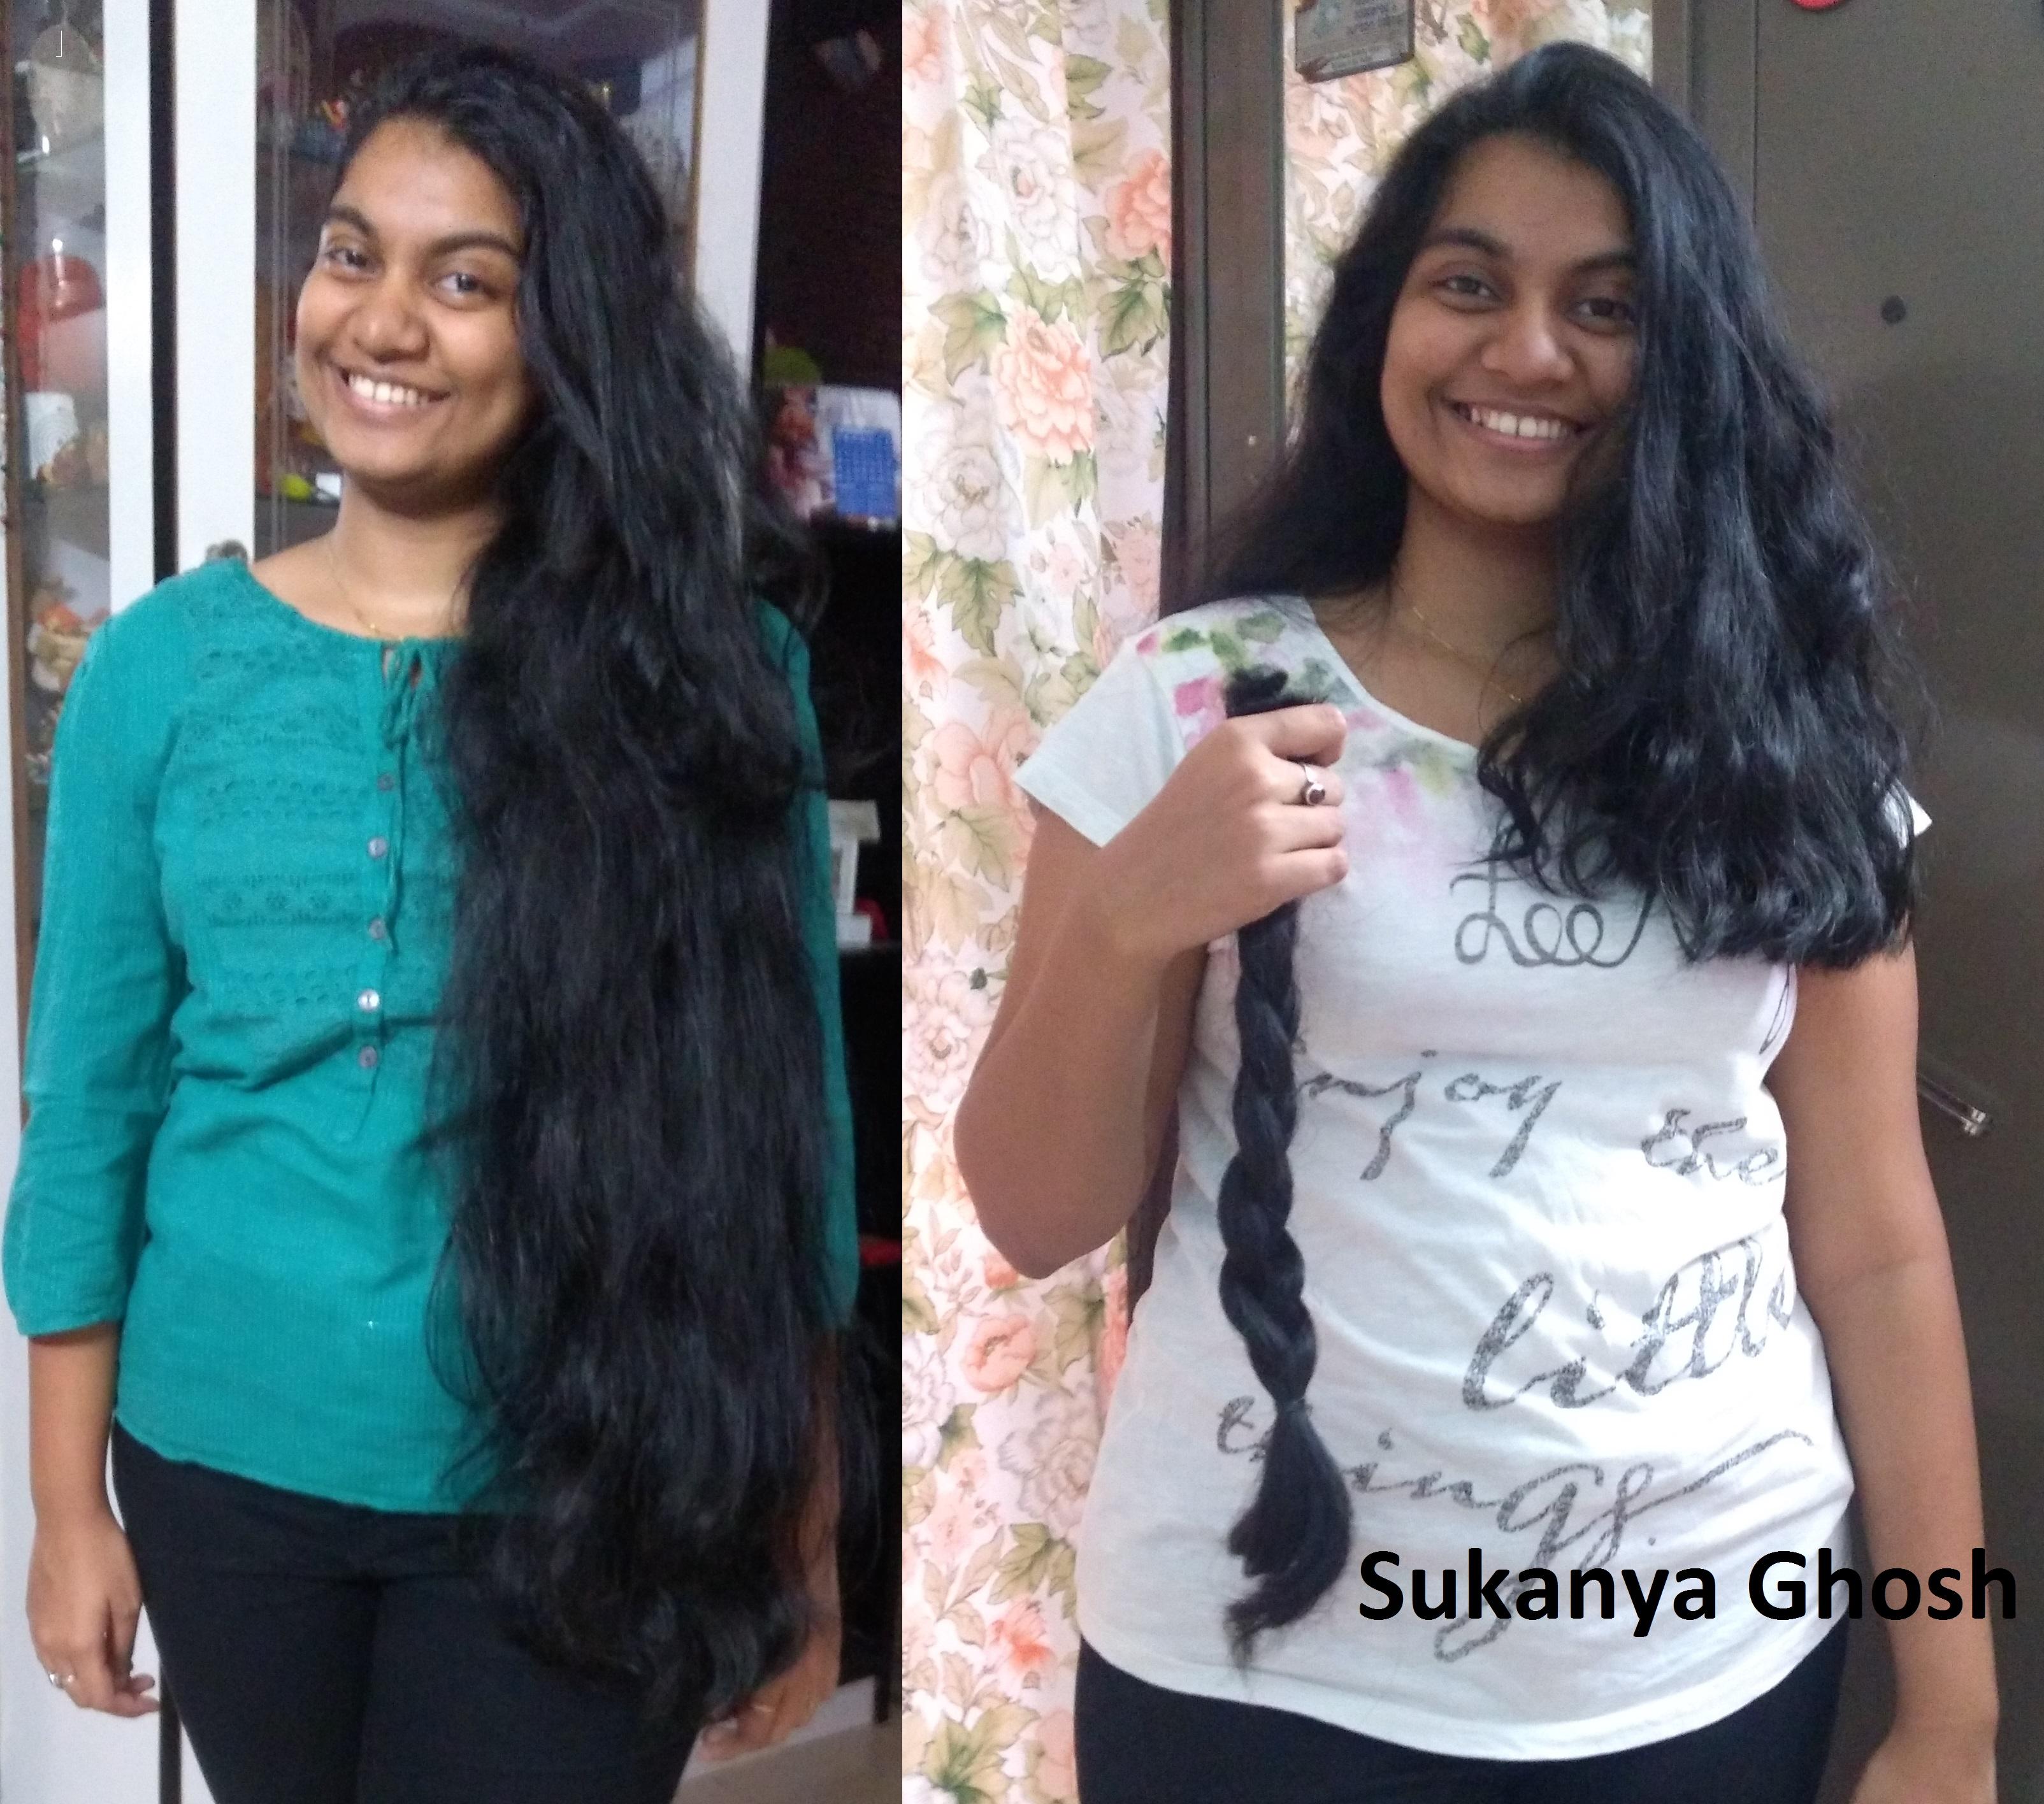 Sukanya Ghosh